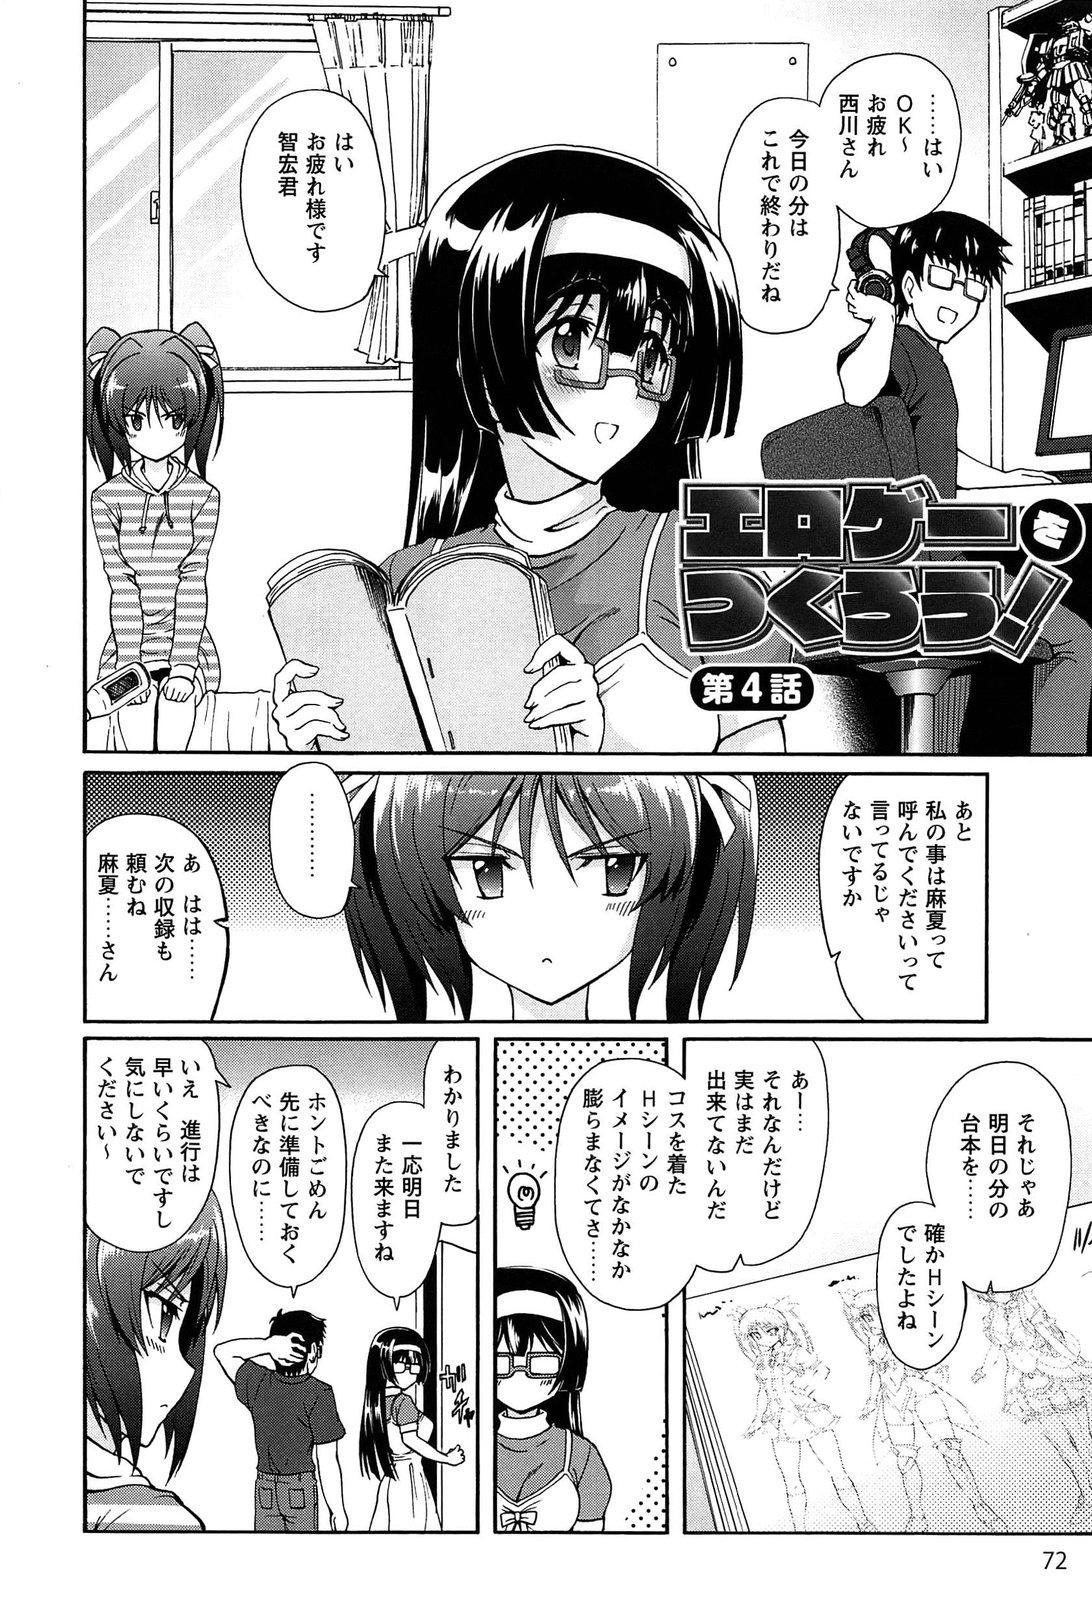 Eroge o Tsukurou! Genteiban - Let's develop the adult game together 73